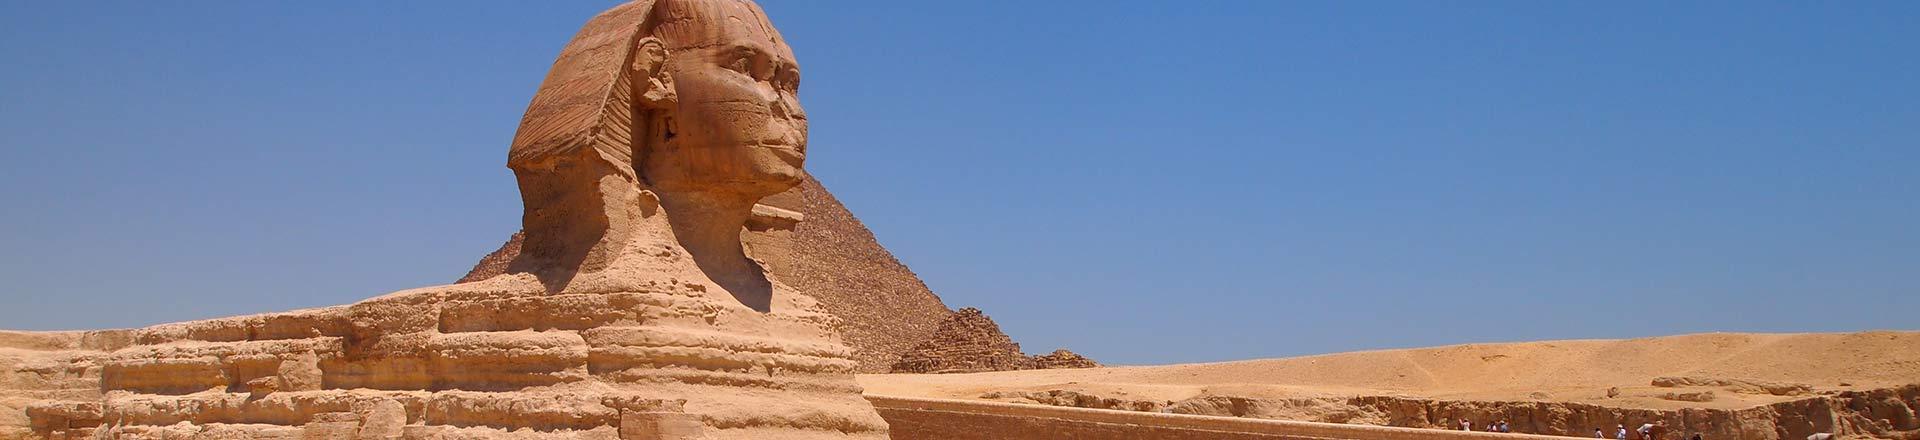 Hochkultur ägypten Das Alte ägypten